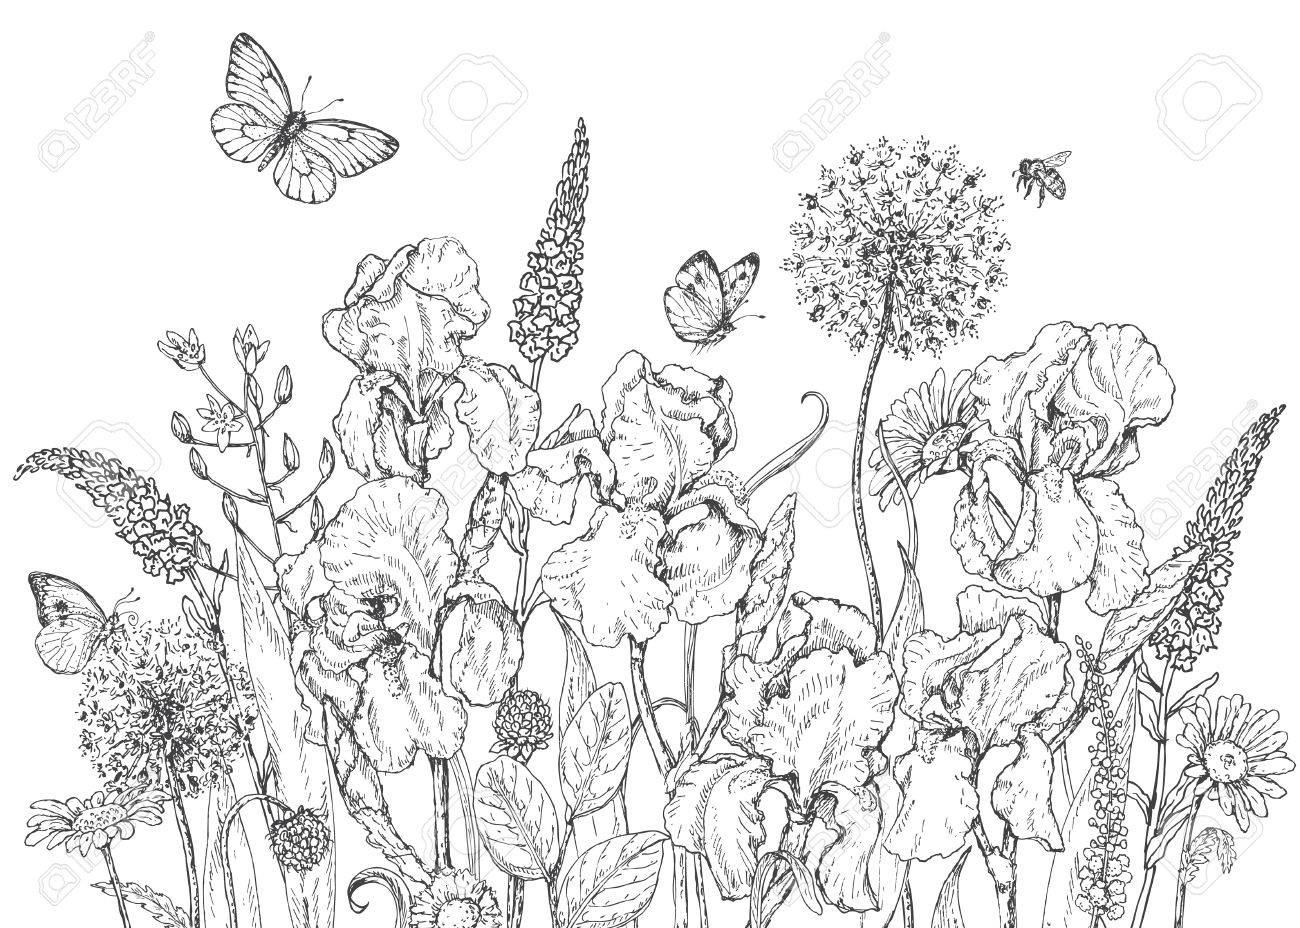 A Mano Ilustracion Dibujada Con Linea De Iris Flores Silvestres E